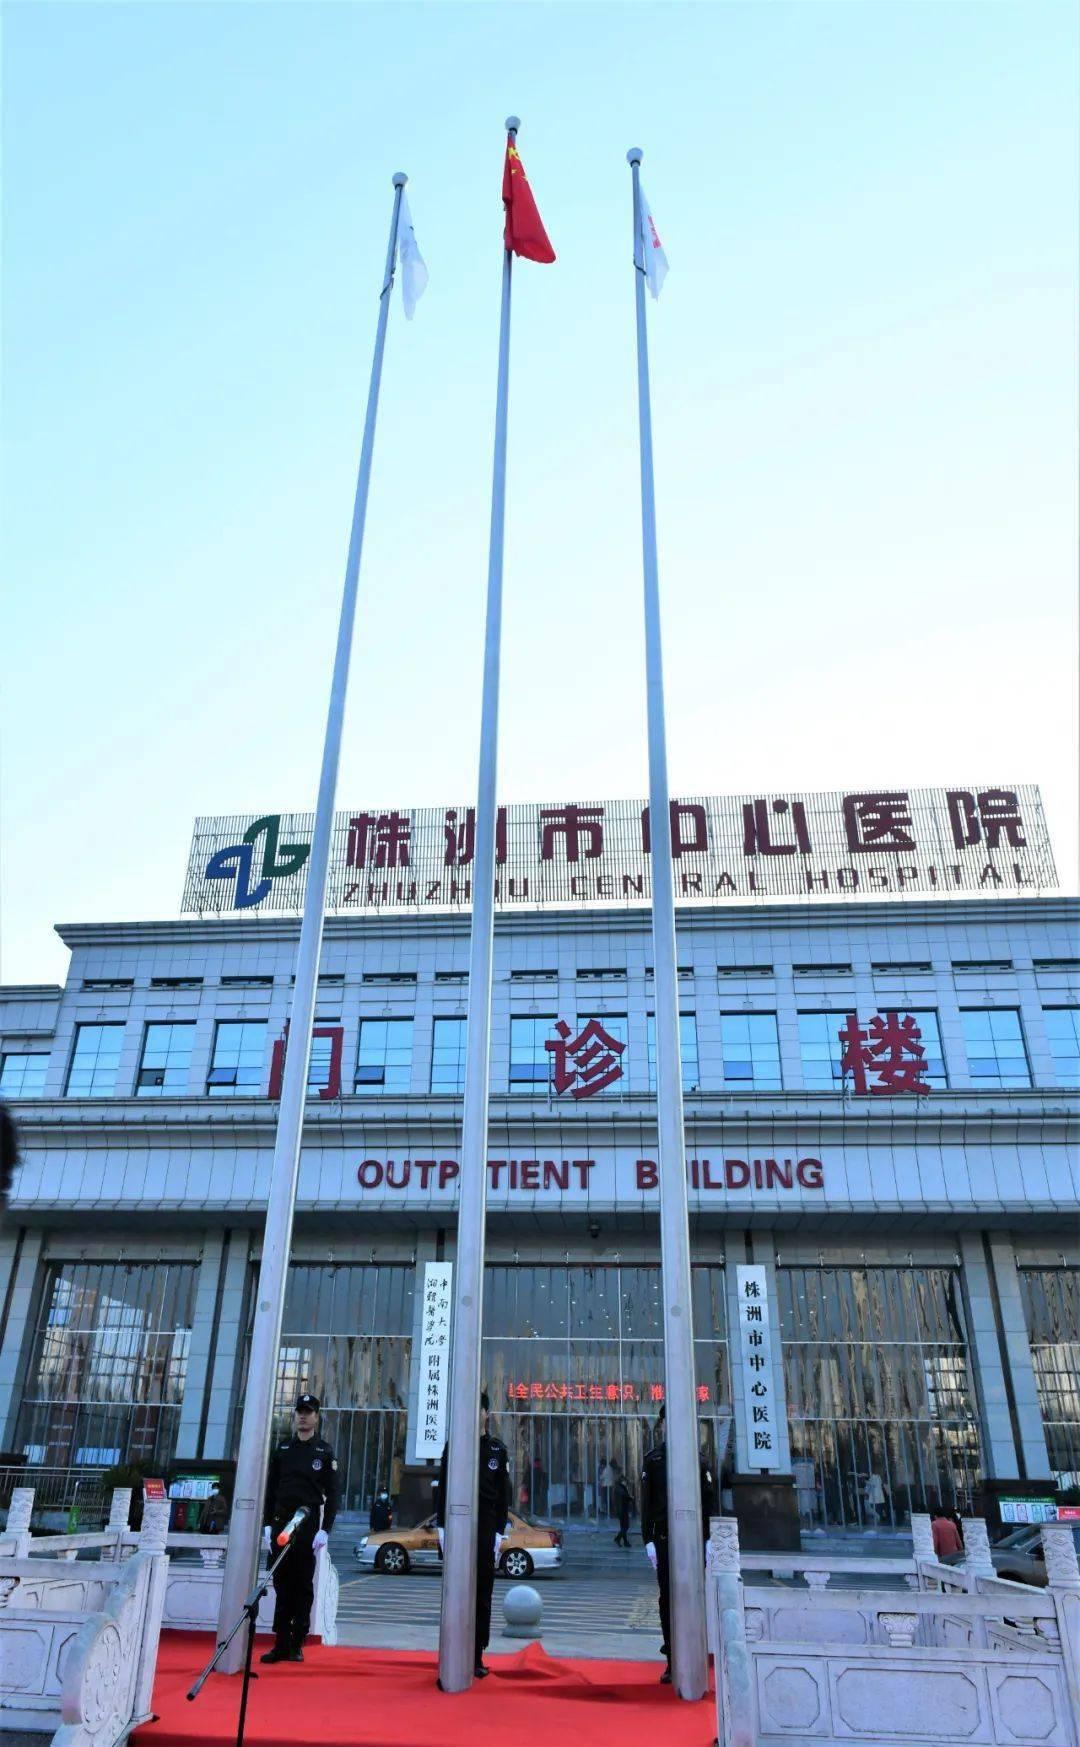 扬帆适时,阔步前行新征程——株洲市中心医院举行新年升旗仪式